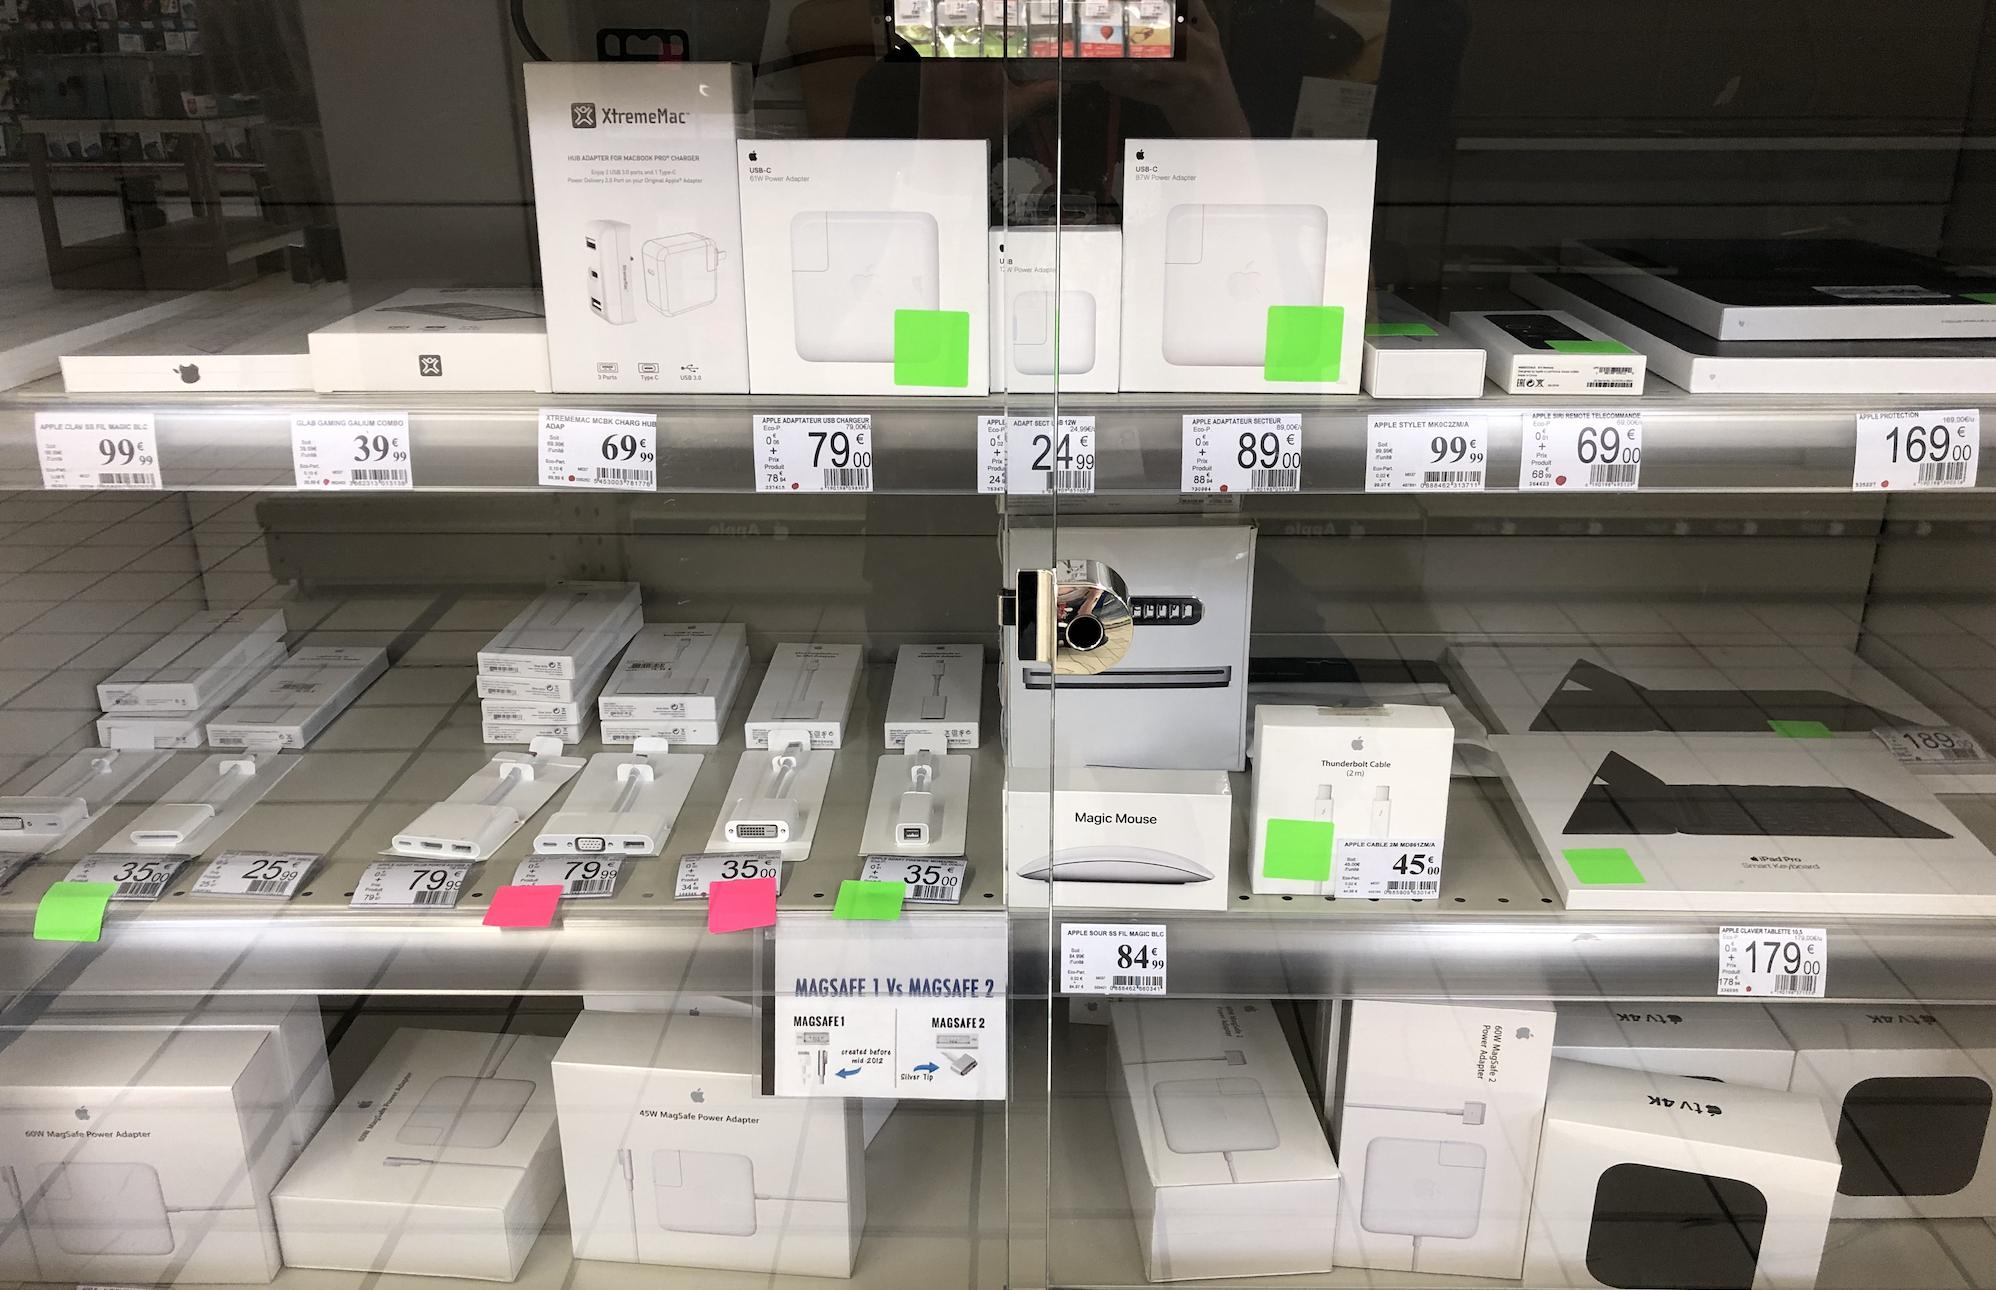 De 20 à 50% de réduction sur une sélection d'accessoires Apple - Villeneuve-d'Ascq (59)